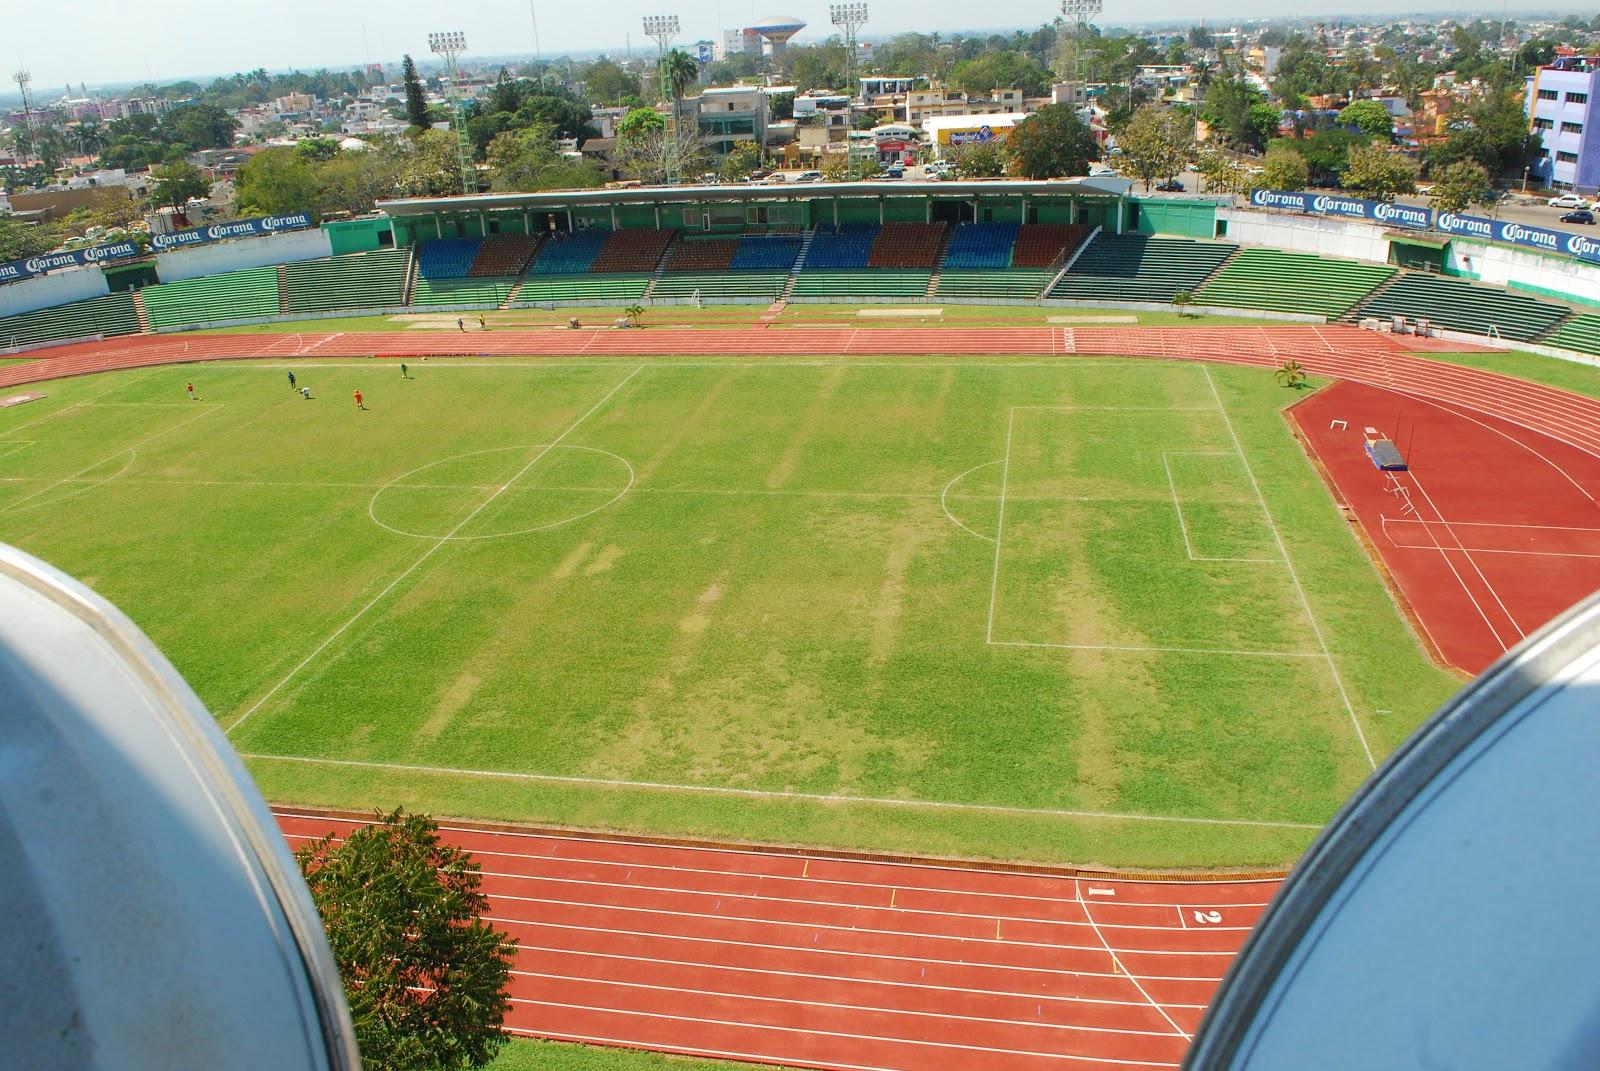 http://2.bp.blogspot.com/-bKi3-I5hhNI/UKwCUKnLyiI/AAAAAAAAGbc/PNCo1GKoIHg/s1600/Estadio+Ol%C3%ADmpico-1.jpg